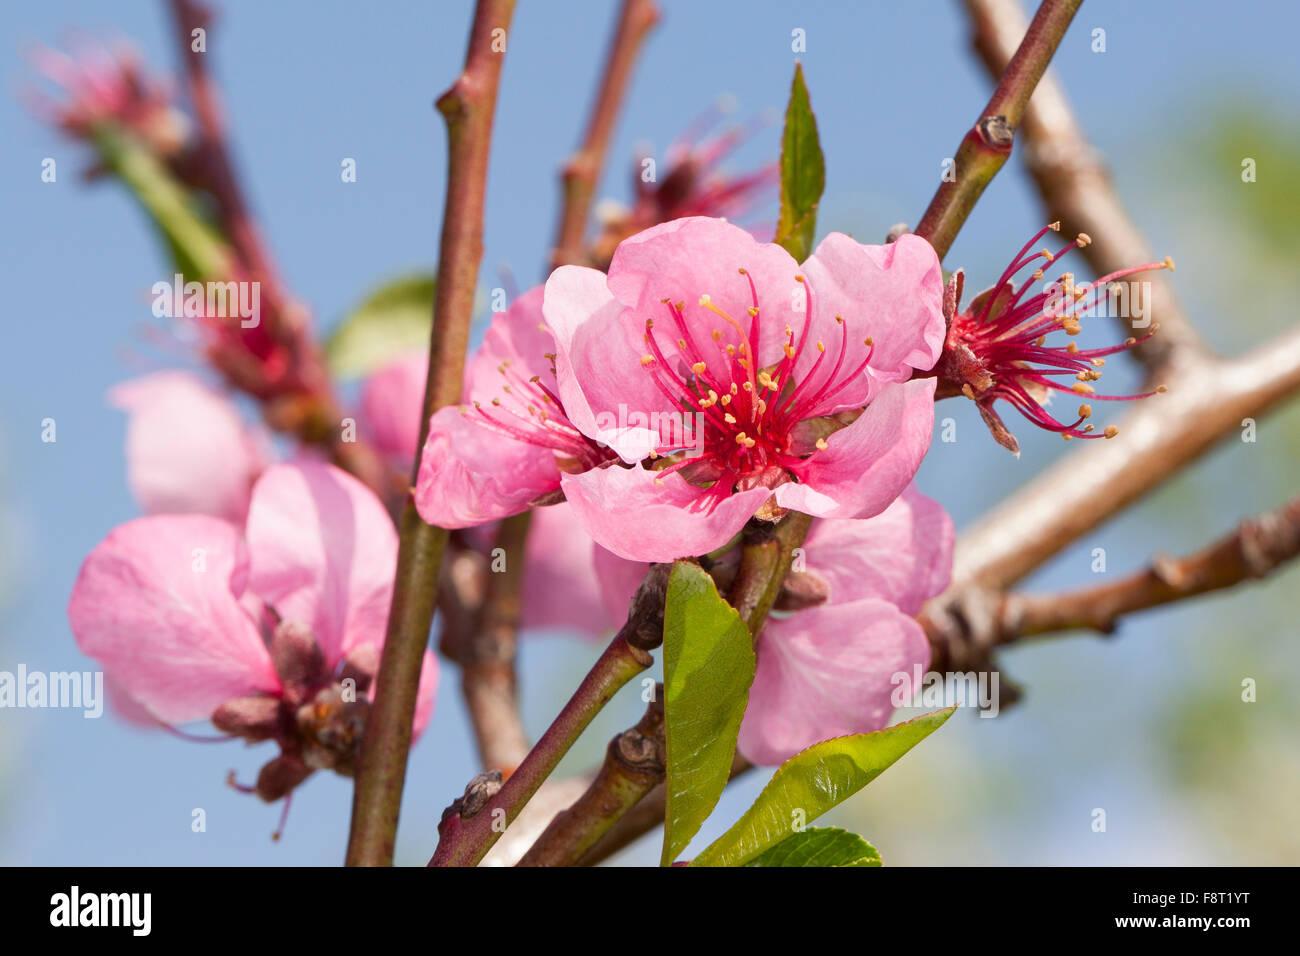 Peach, Pfirsich, Pfirsiche, Pfirsichbaum, Blüte, Obstbaumblüte, Obstbaum, Prunus persica var. persica, - Stock Image